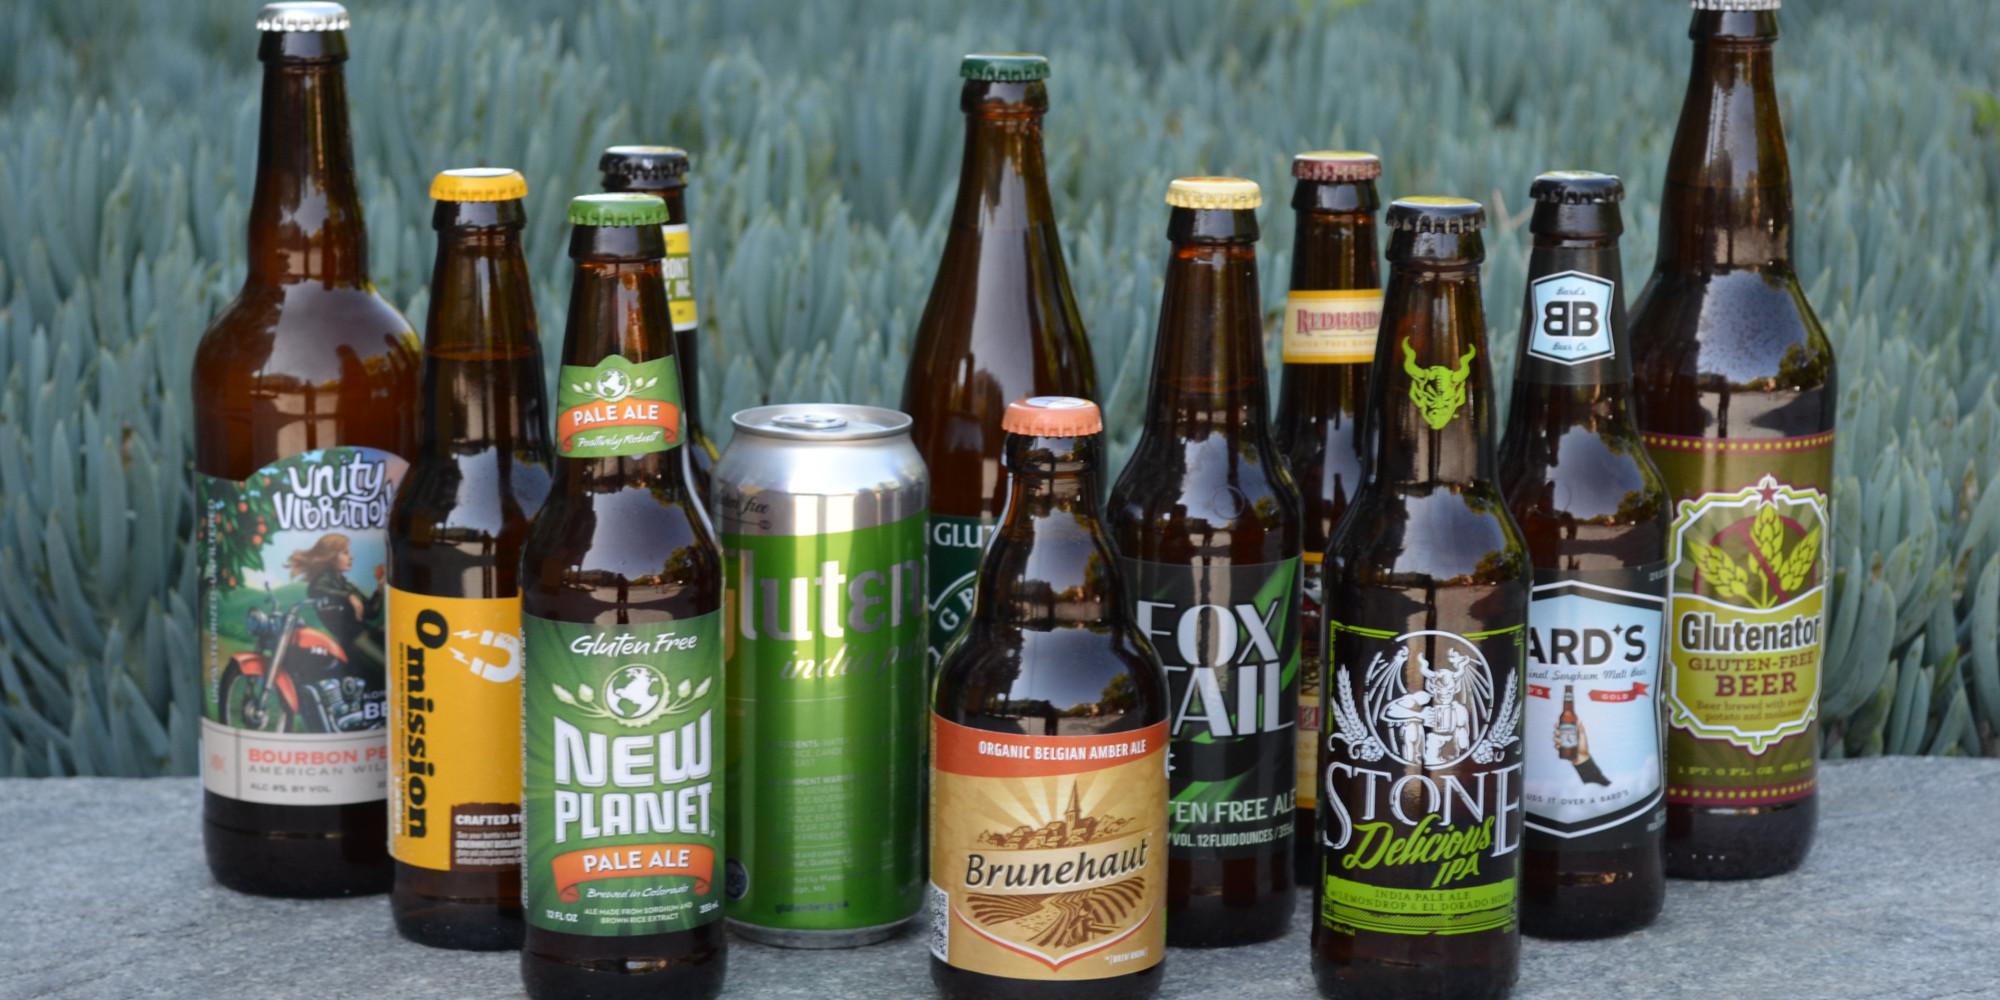 Brands of Gluten Free Beer Worst Gluten Free Beers